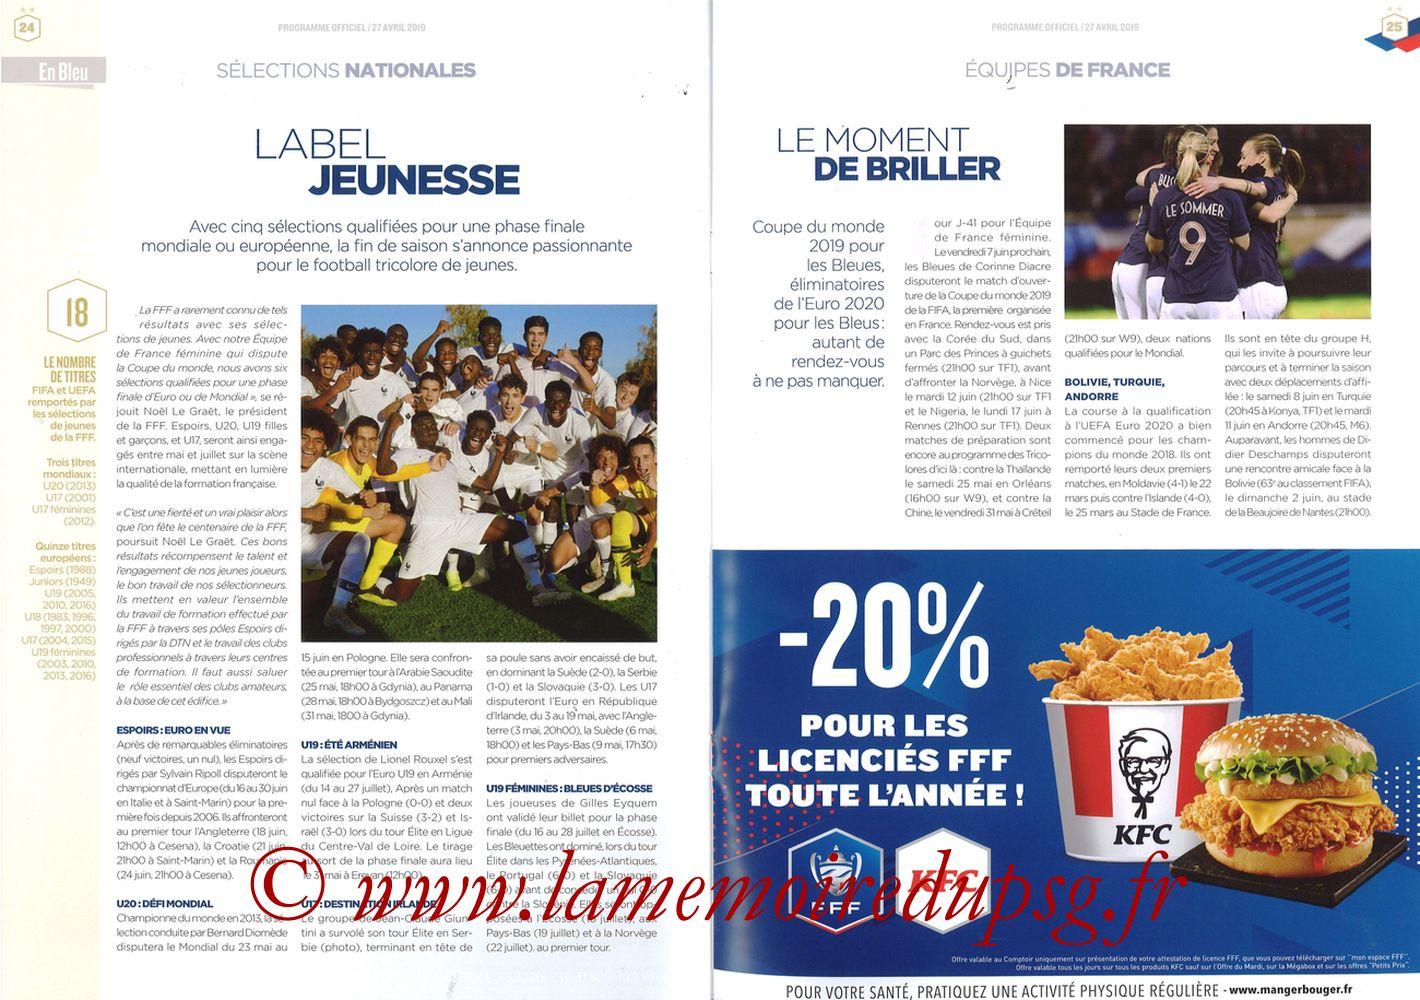 2019-04-27  Rennes-PSG (Finale CF au Stade de France, Programme officiel FFF) - Pages 24 et 25